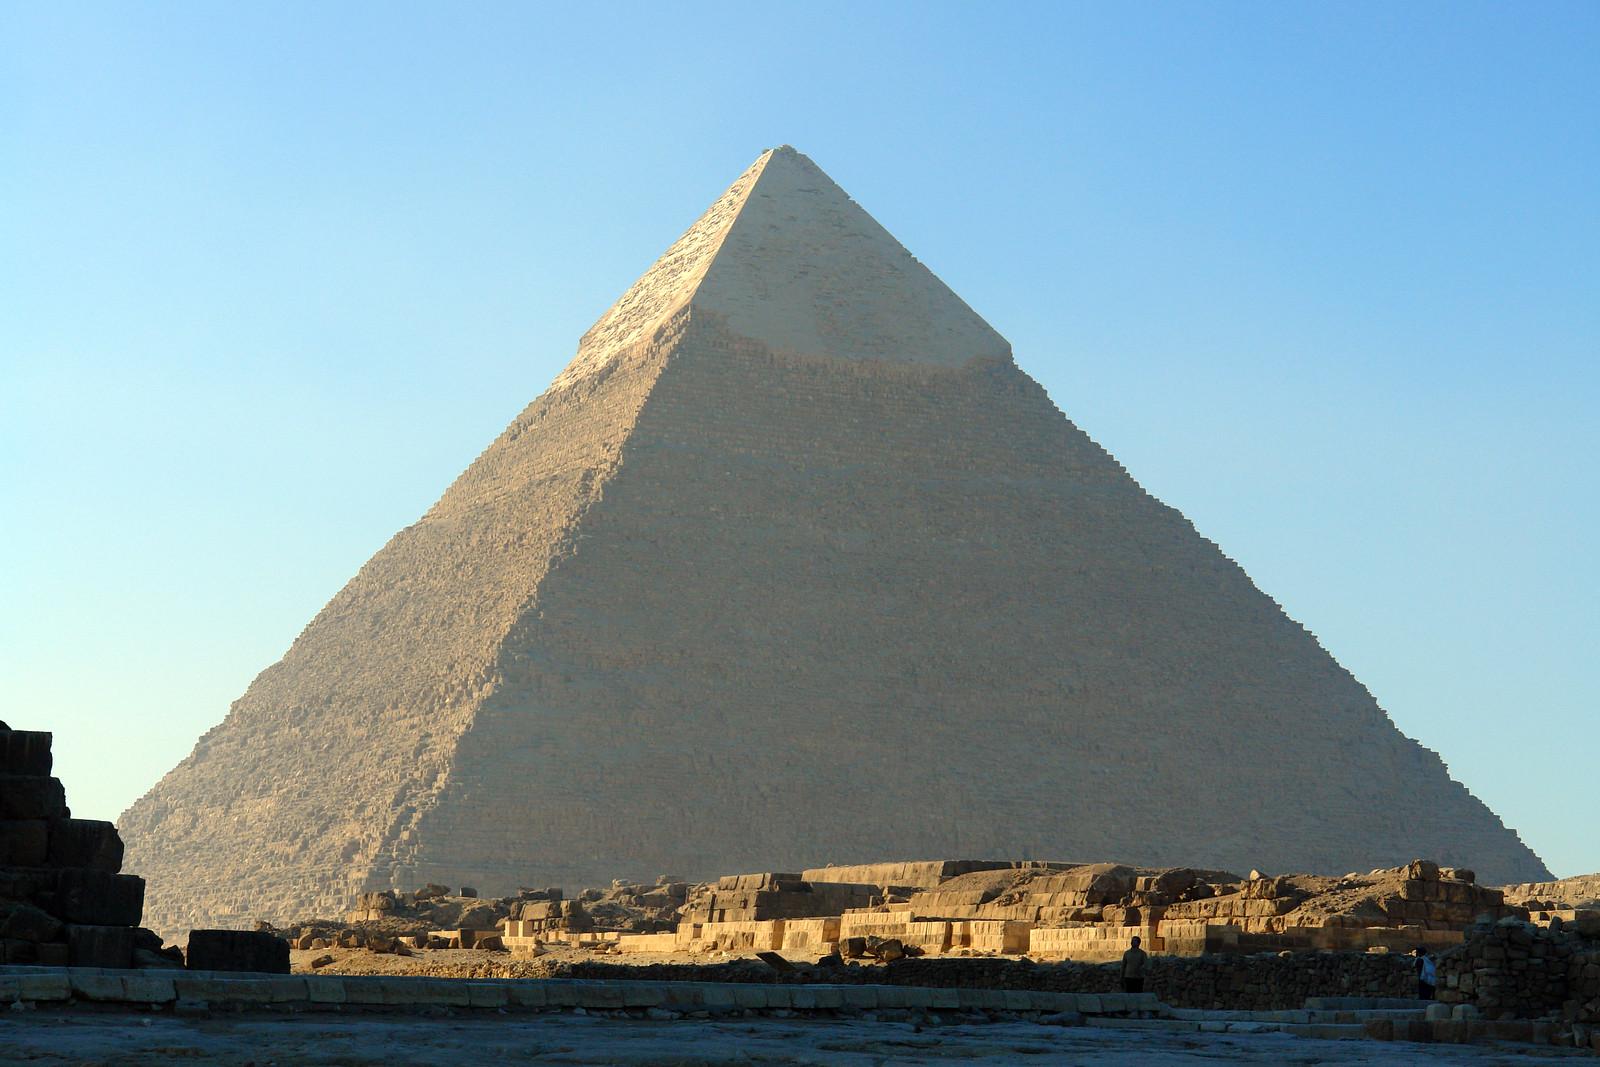 Qué ver en El Cairo, Egipto lugares que visitar en el cairo - 39184090940 76db7f54cc h - 10+1 lugares que visitar en El Cairo